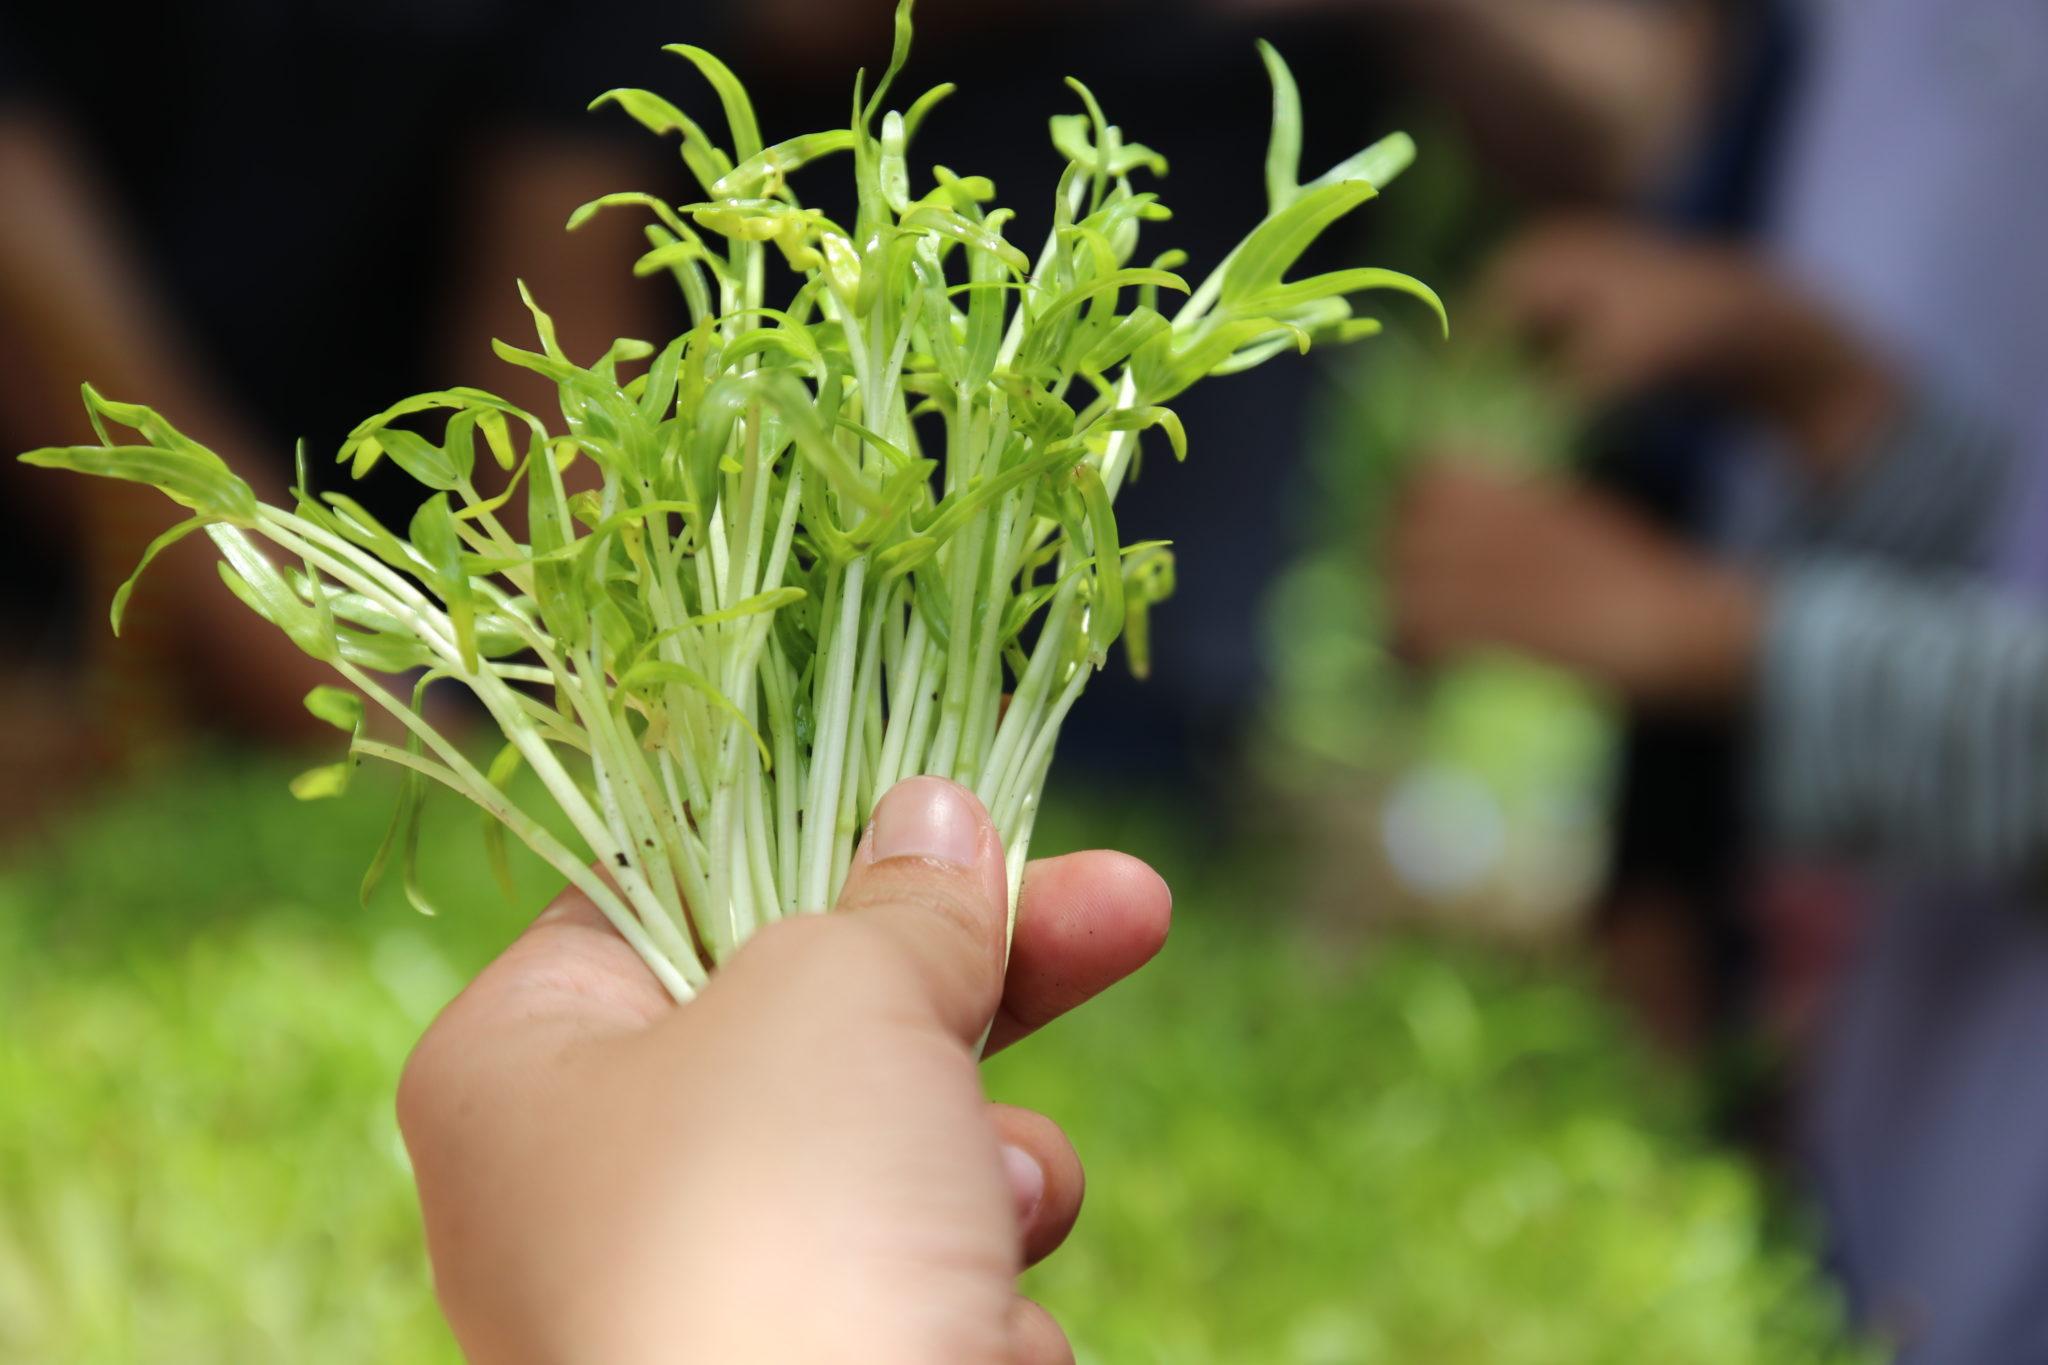 สามพรานโมเดล อะคาเดมี่ เปิด5เทรนด์ น่ารู้สำหรับผู้บริโภคอินทรีย์รับปี2562 พร้อมเปิดหลักสูตรการขับเคลื่อนเกษตรอินทรีย์ตามแนวทางสามพรานโมเดล 13 -